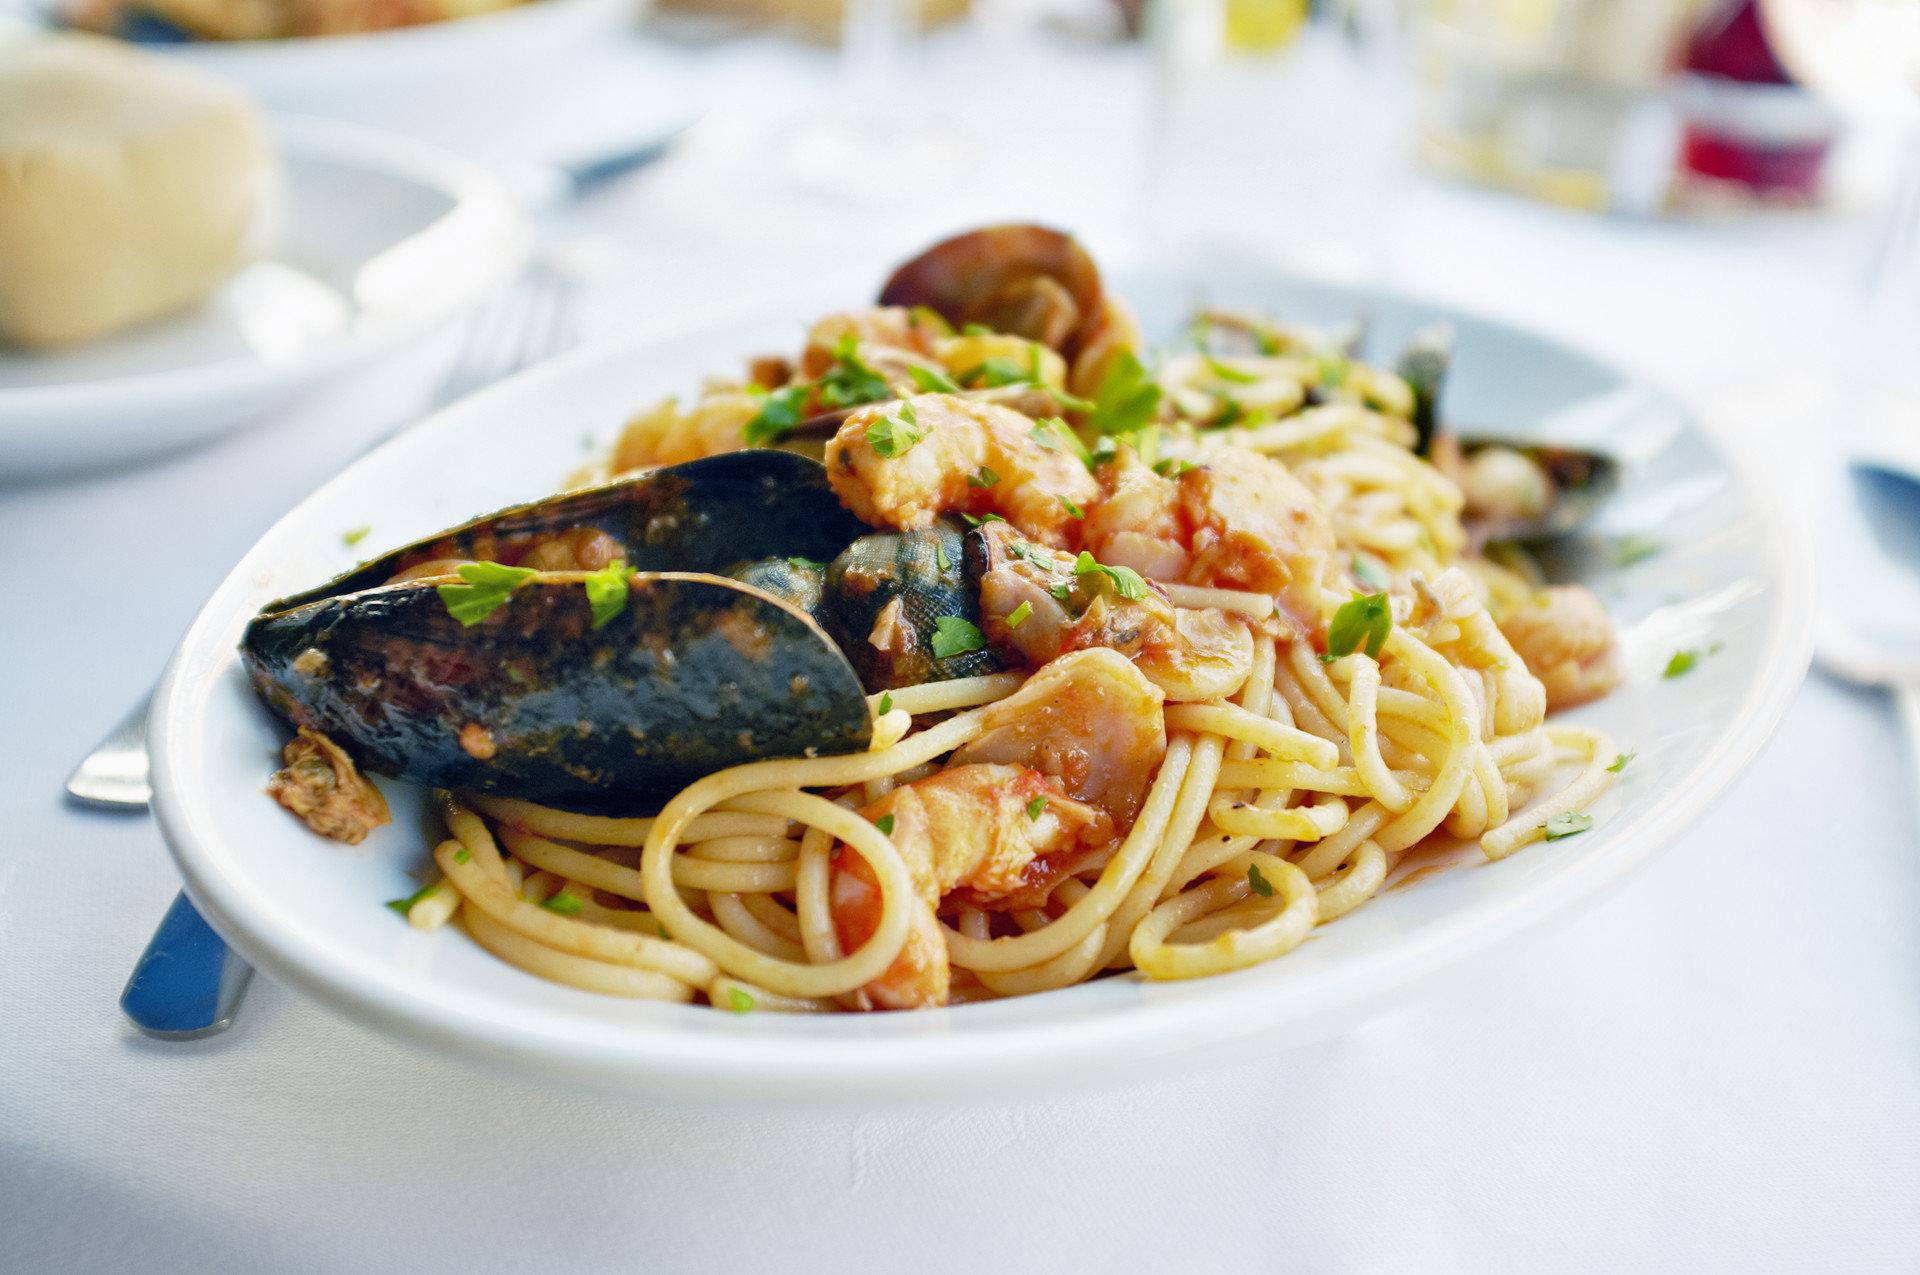 Budget Trip Ideas plate food dish spaghetti cuisine fish italian food produce thai food european food meal Seafood pasta vegetable pad thai linguine asian food chinese food